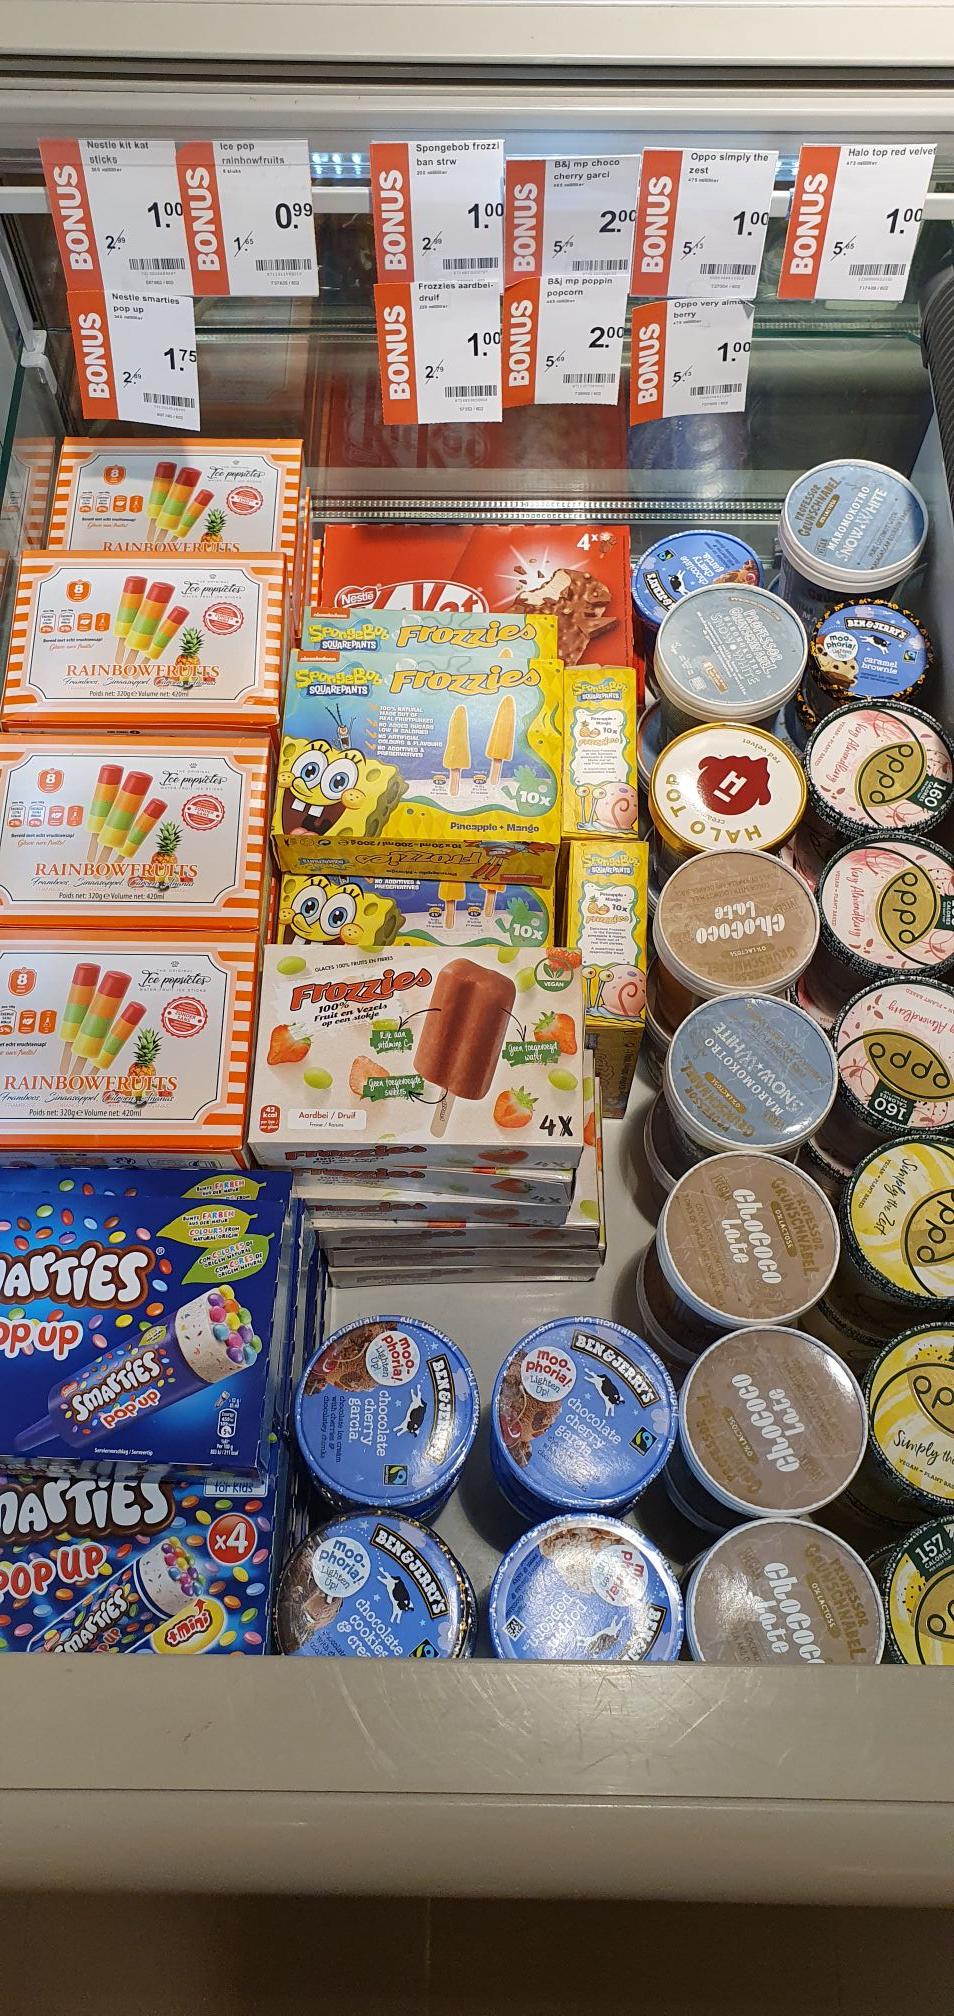 [Lokaal Albert Heijn Heino] Verschillende soorten ijs o.a. Ben & Jerry's en Smarties Pop Up